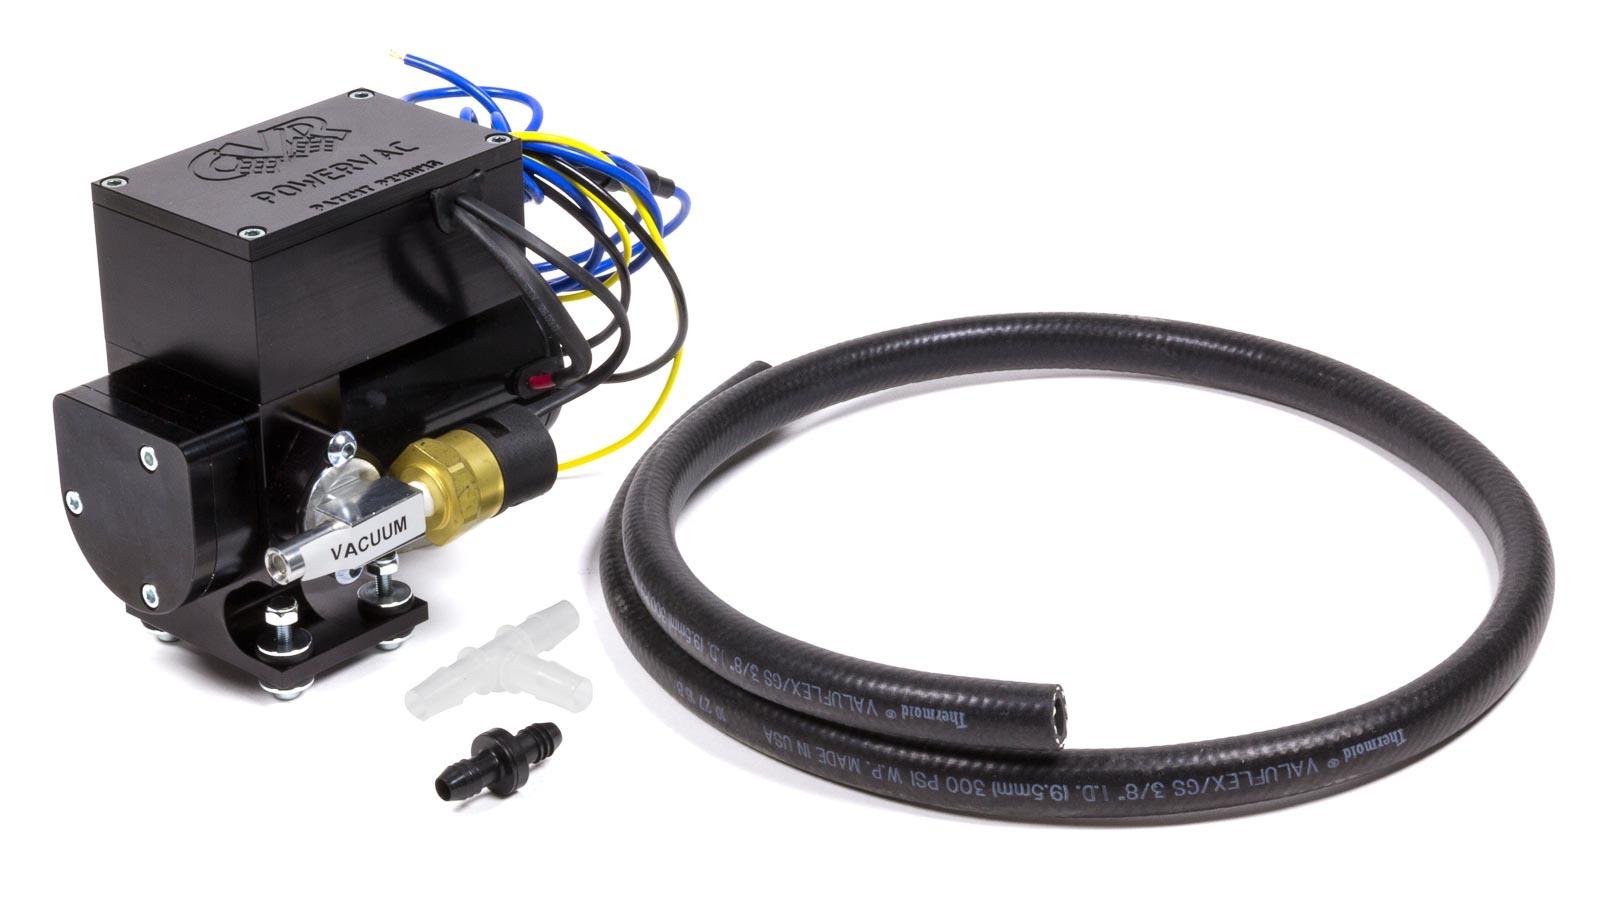 Cvr Performance 12 Volt Electric Vacuum Pump Black Anodized